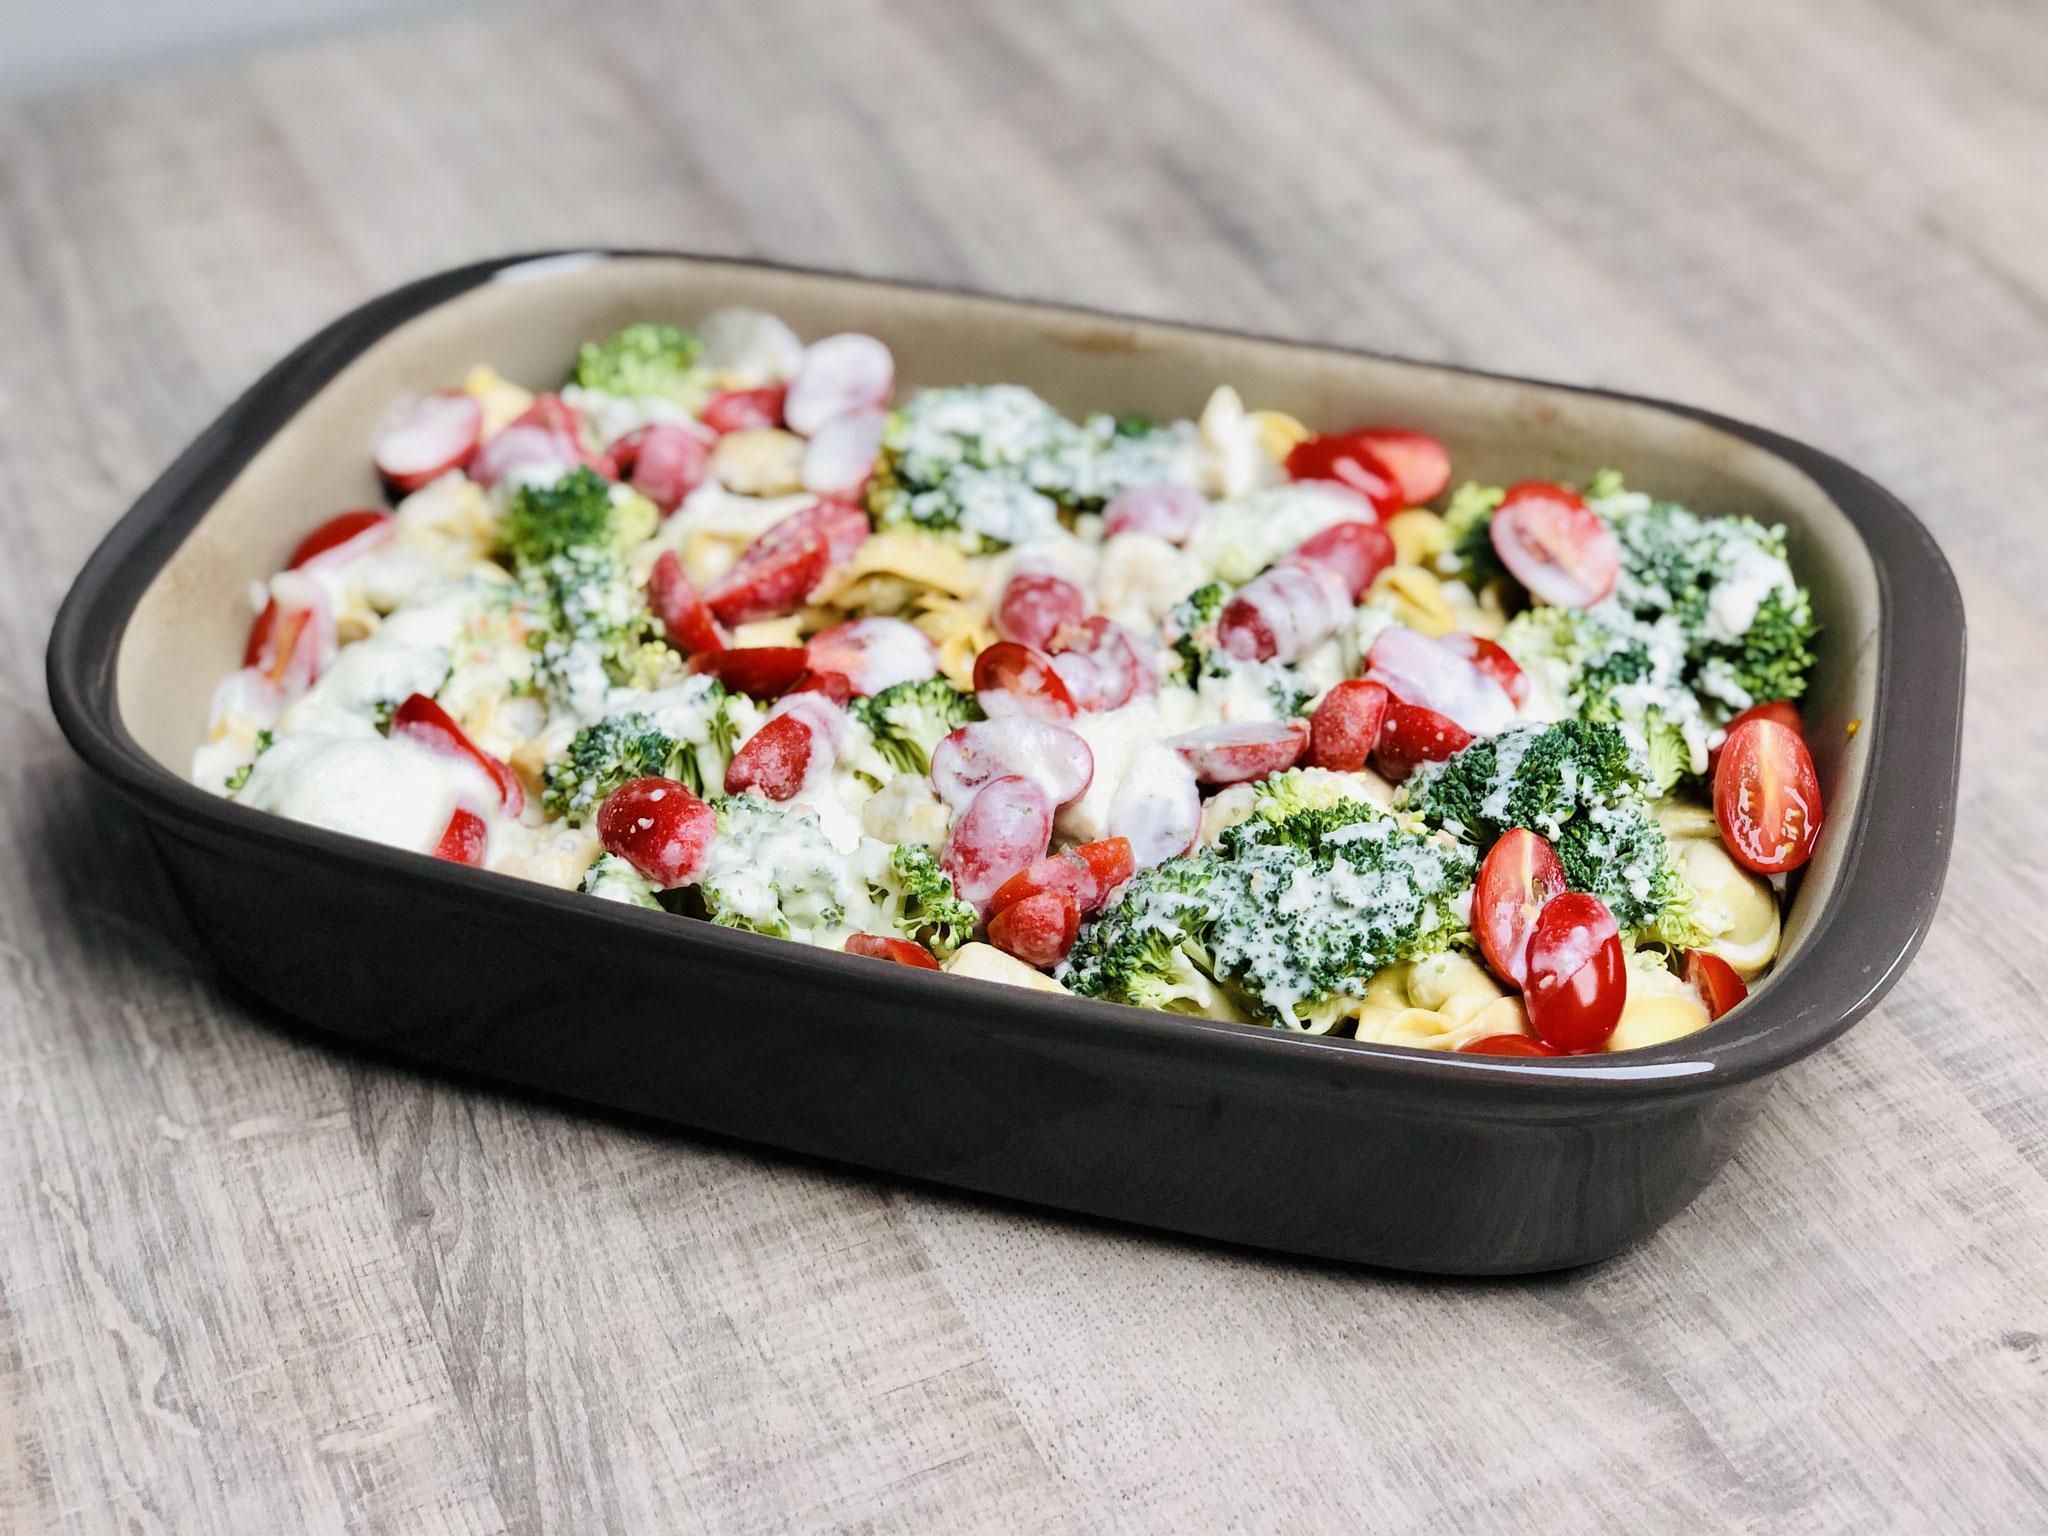 Entweder du bereitest es im Grundset von Pampered Chef zu oder du benutzt die Ofenhexe mit dem Zauberstein als Deckel für dieses Gericht